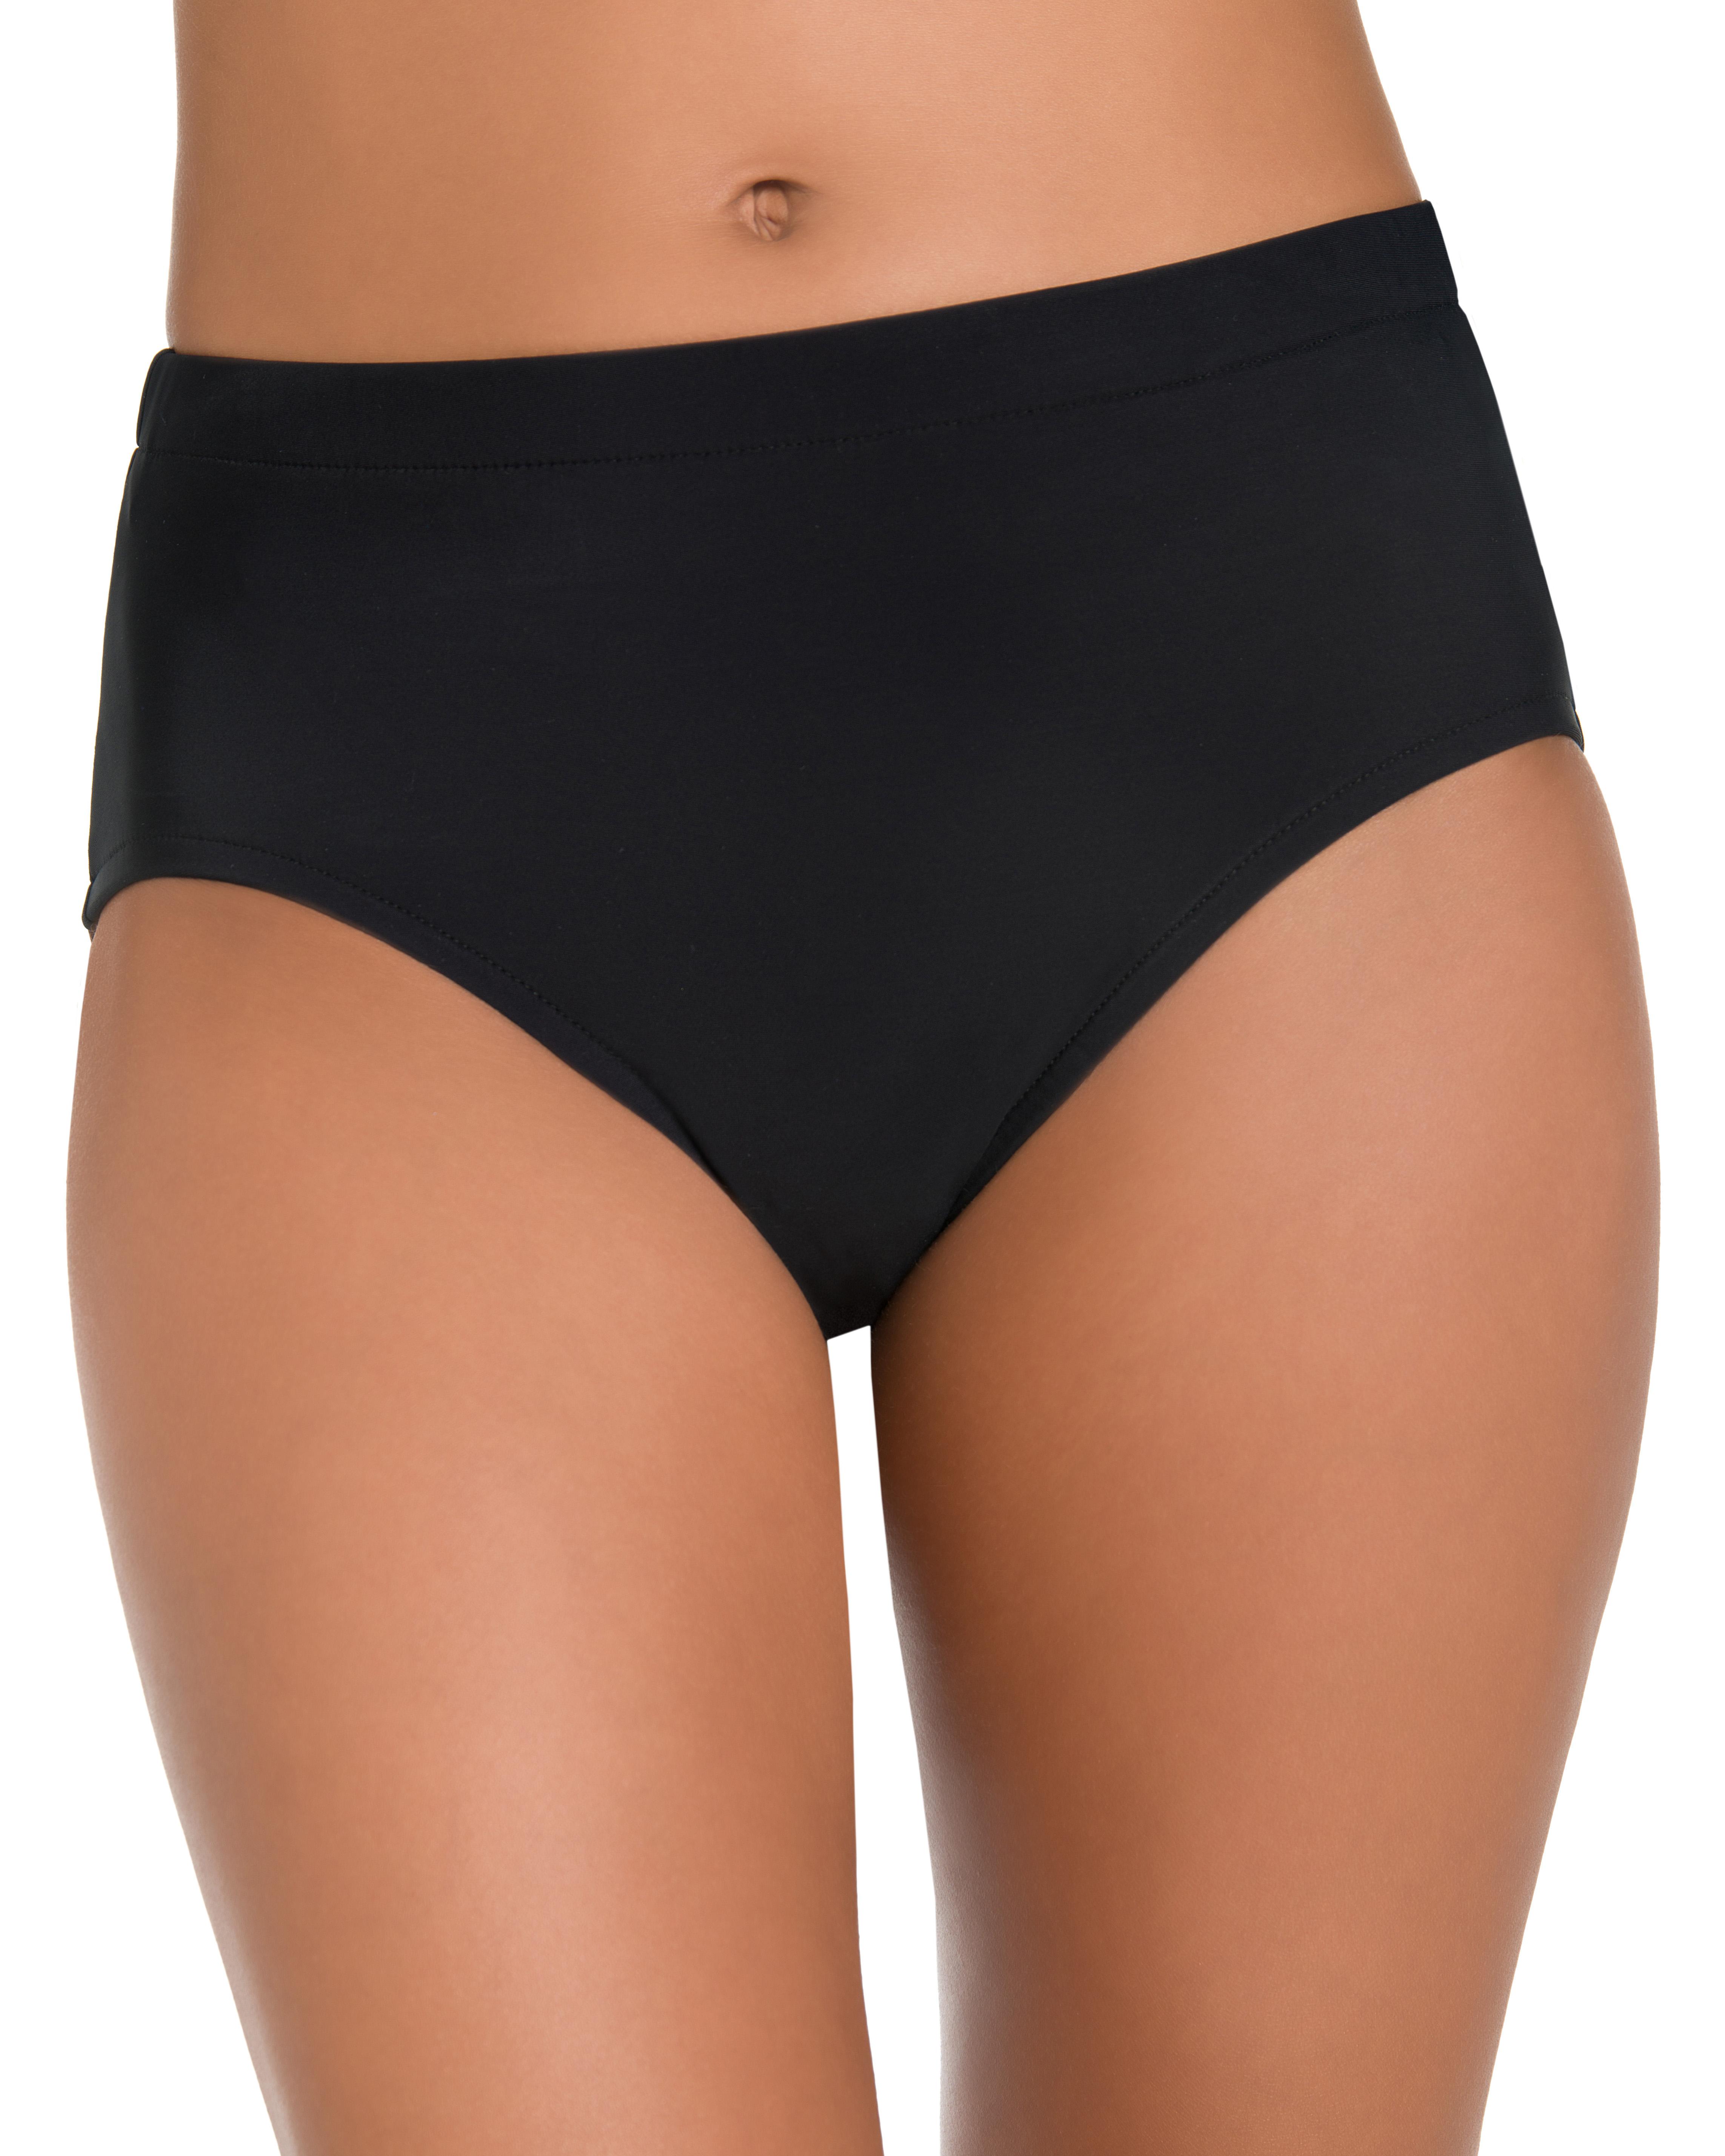 Penbrooke Swimsuit Brief Bottom - Misses - Black - Front